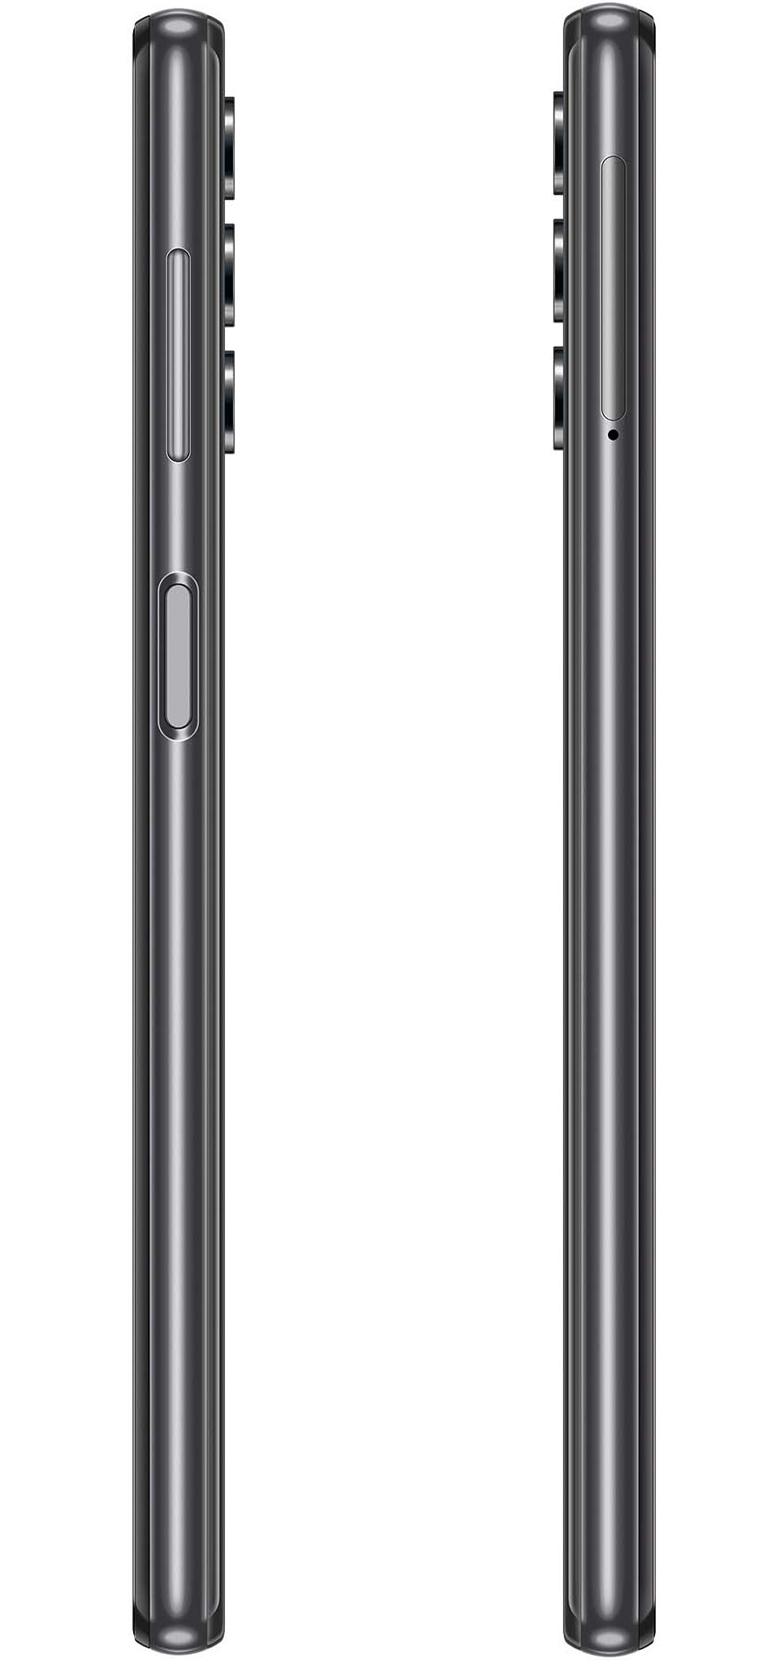 Samsung Galaxy A32 DS (SM-A325) 128GB Black - 5